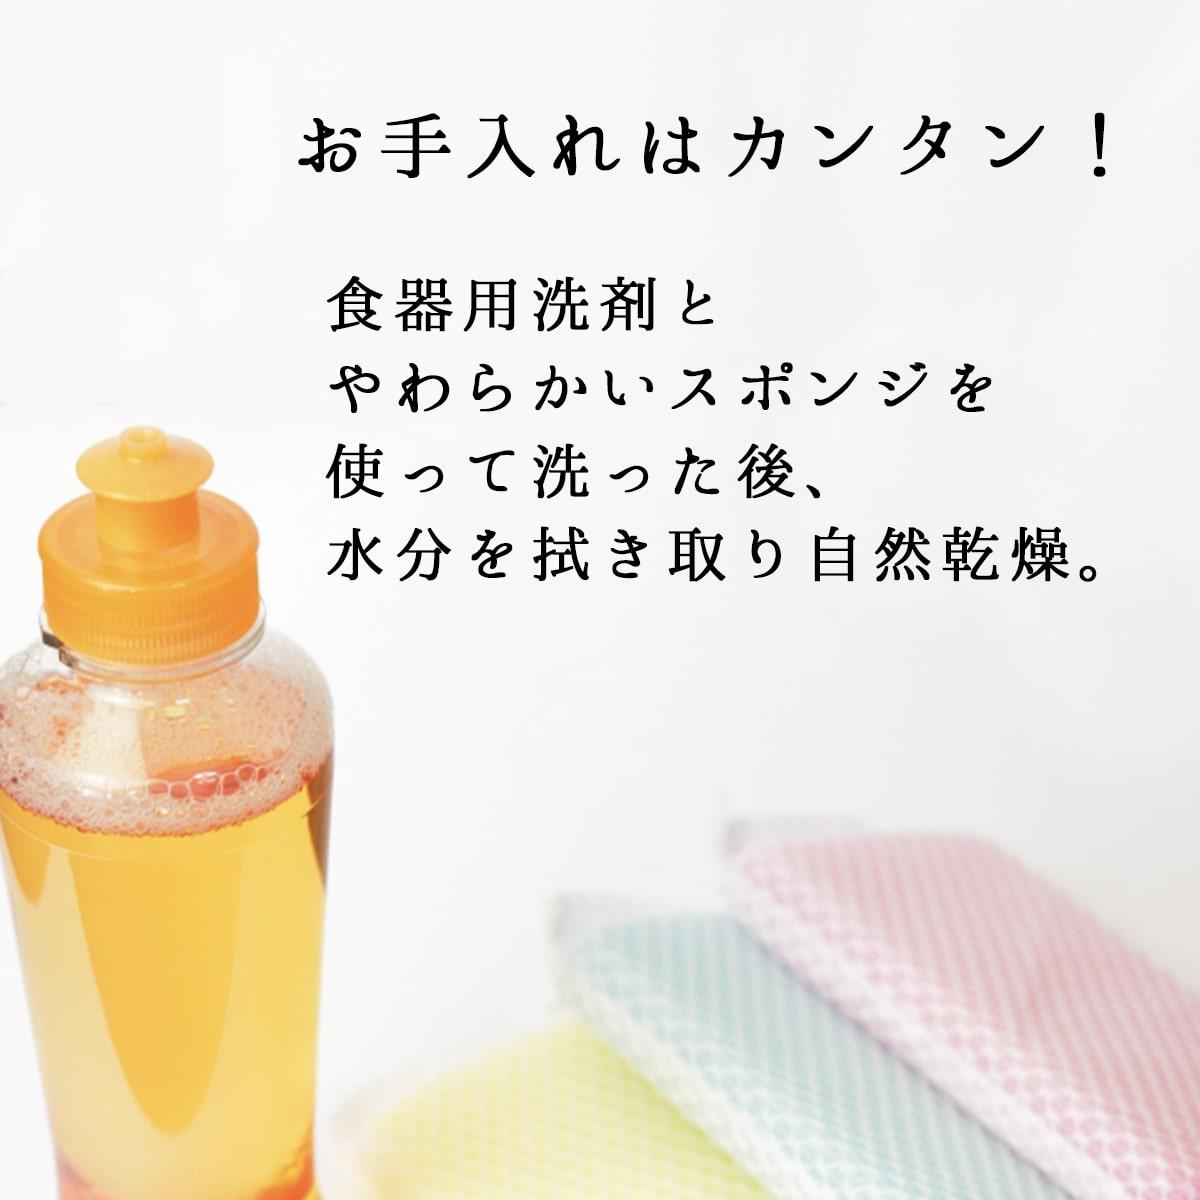 うるしギャラリー久右衛門(urushi gallery kyuuemon) お試し曲げわっぱ 弁当箱 一段 700mlの商品画像11